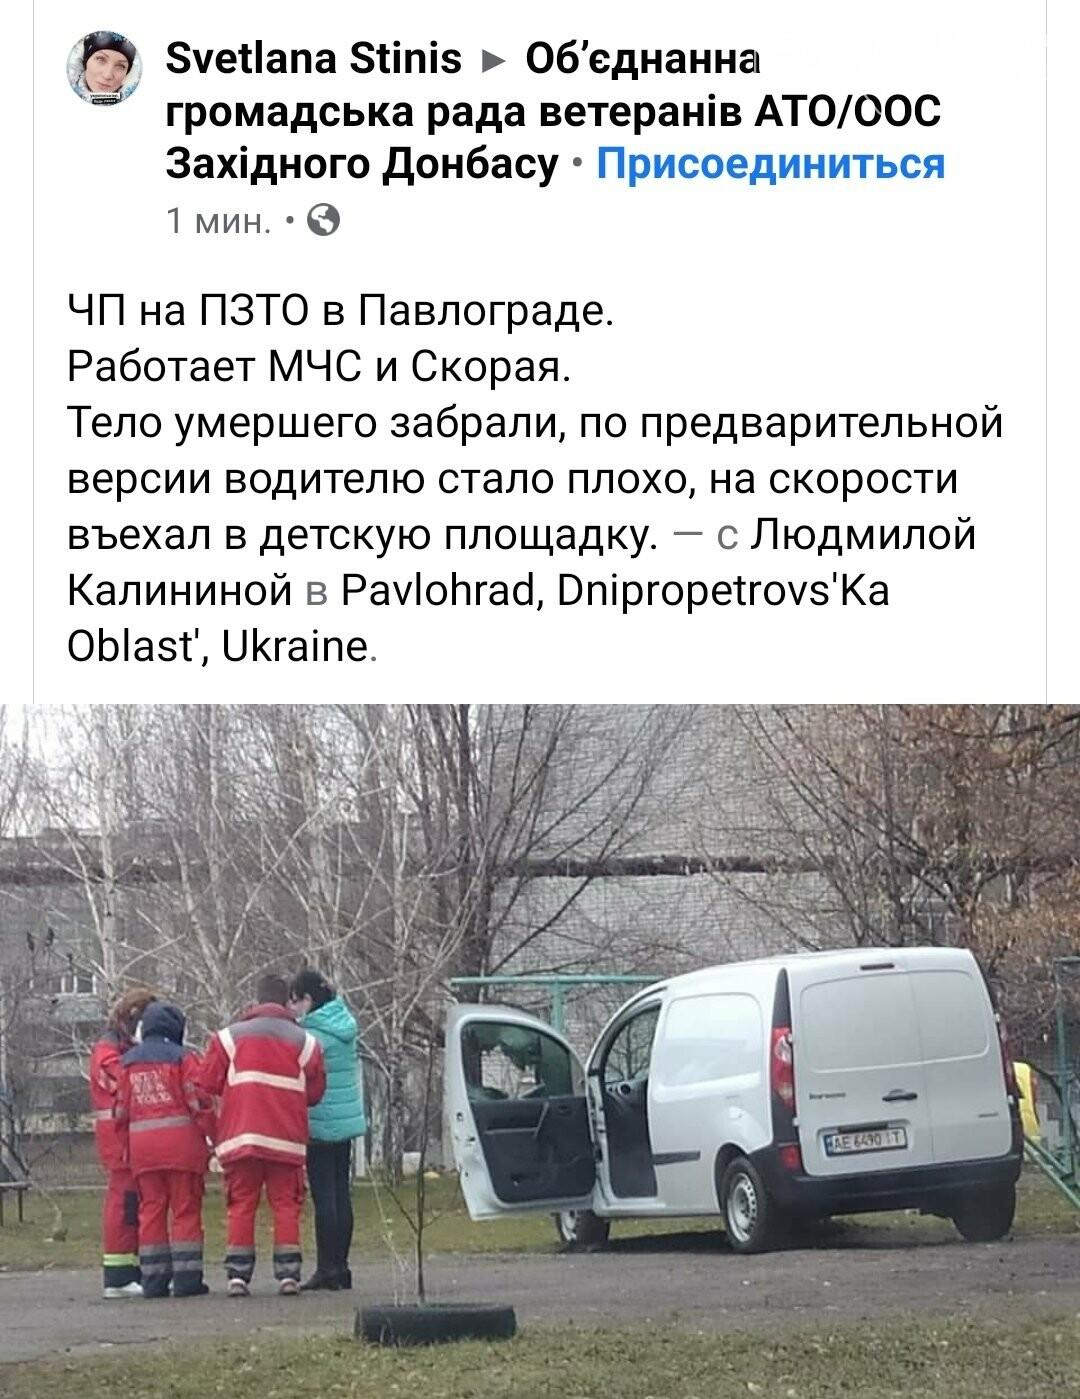 В Павлограде водитель въехал в детскую площадку (ФОТО), фото-4